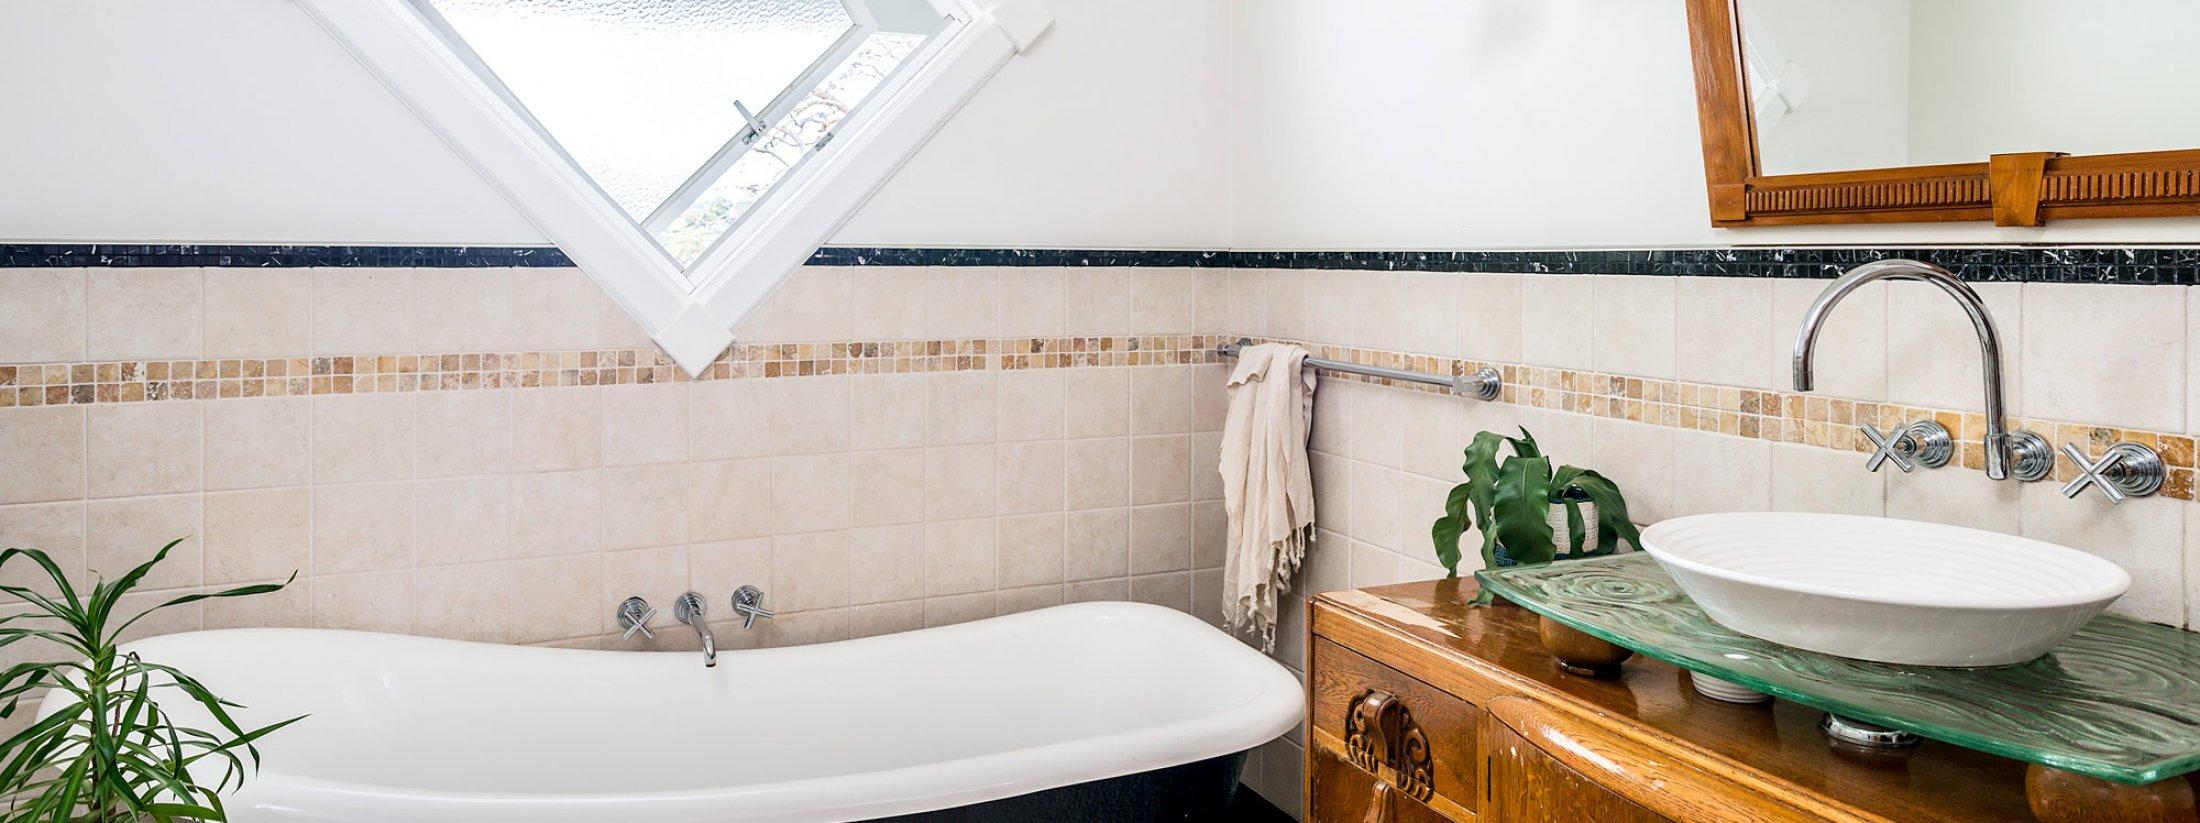 Charlottes Web - Byron Bay - Bathroom with Bath